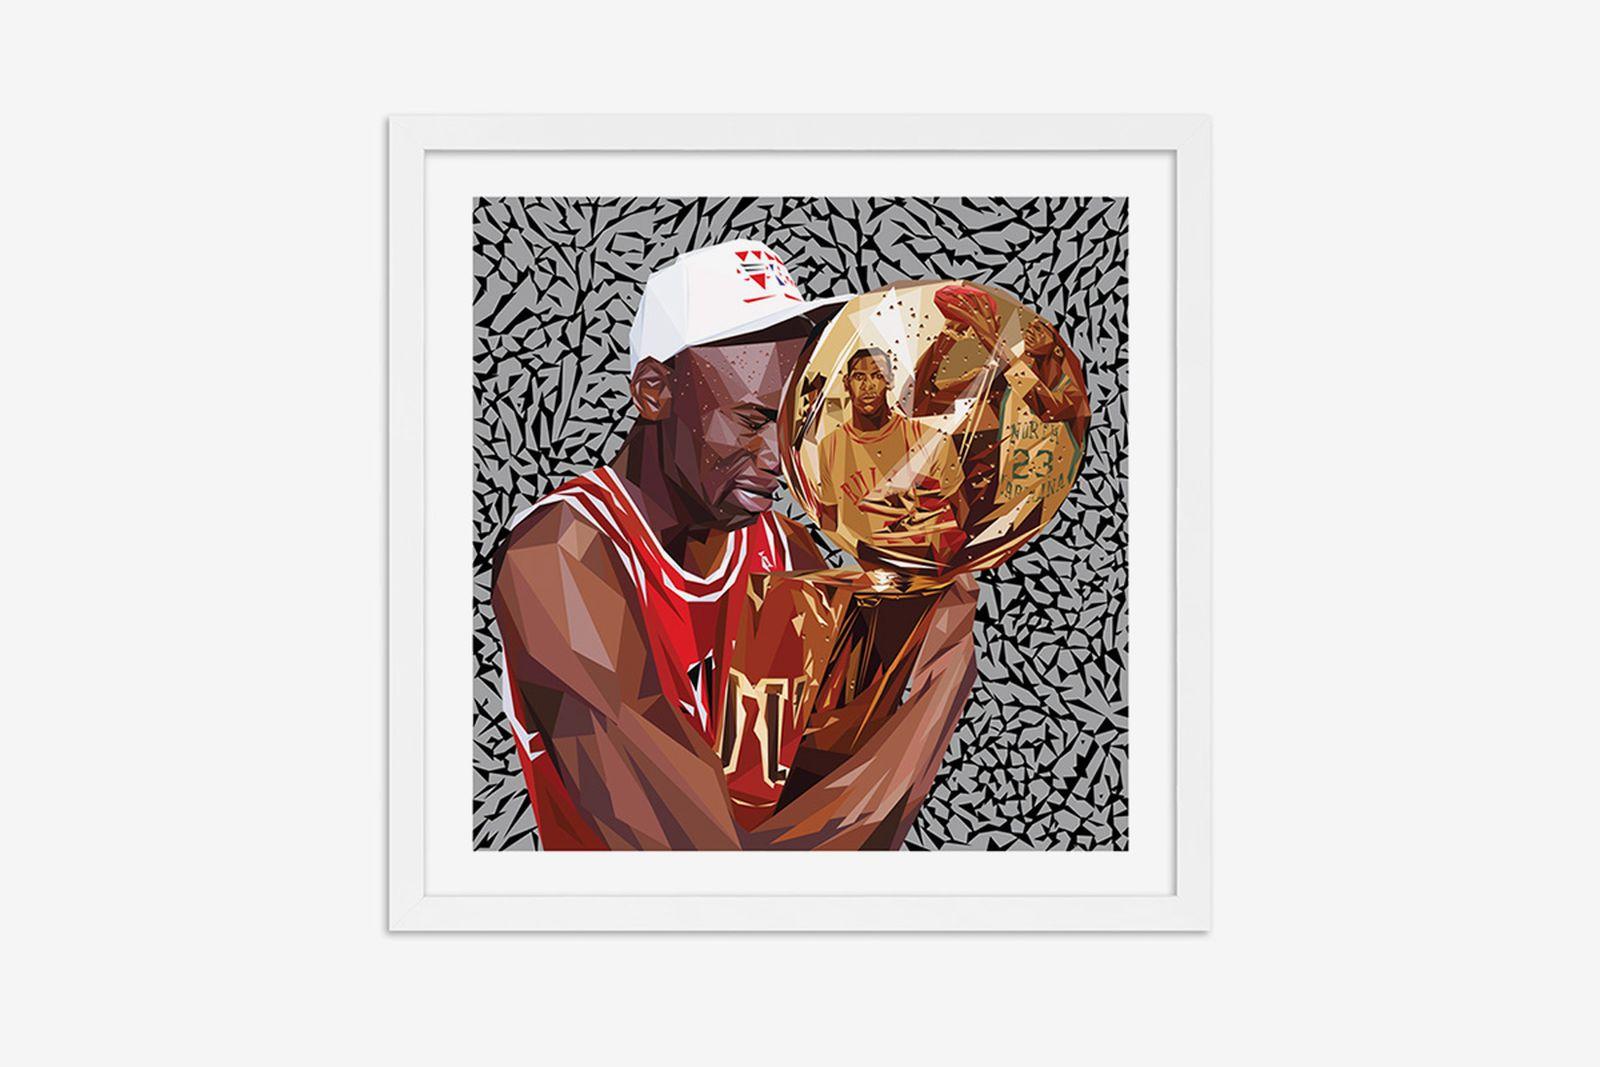 Michael Jordan artworks